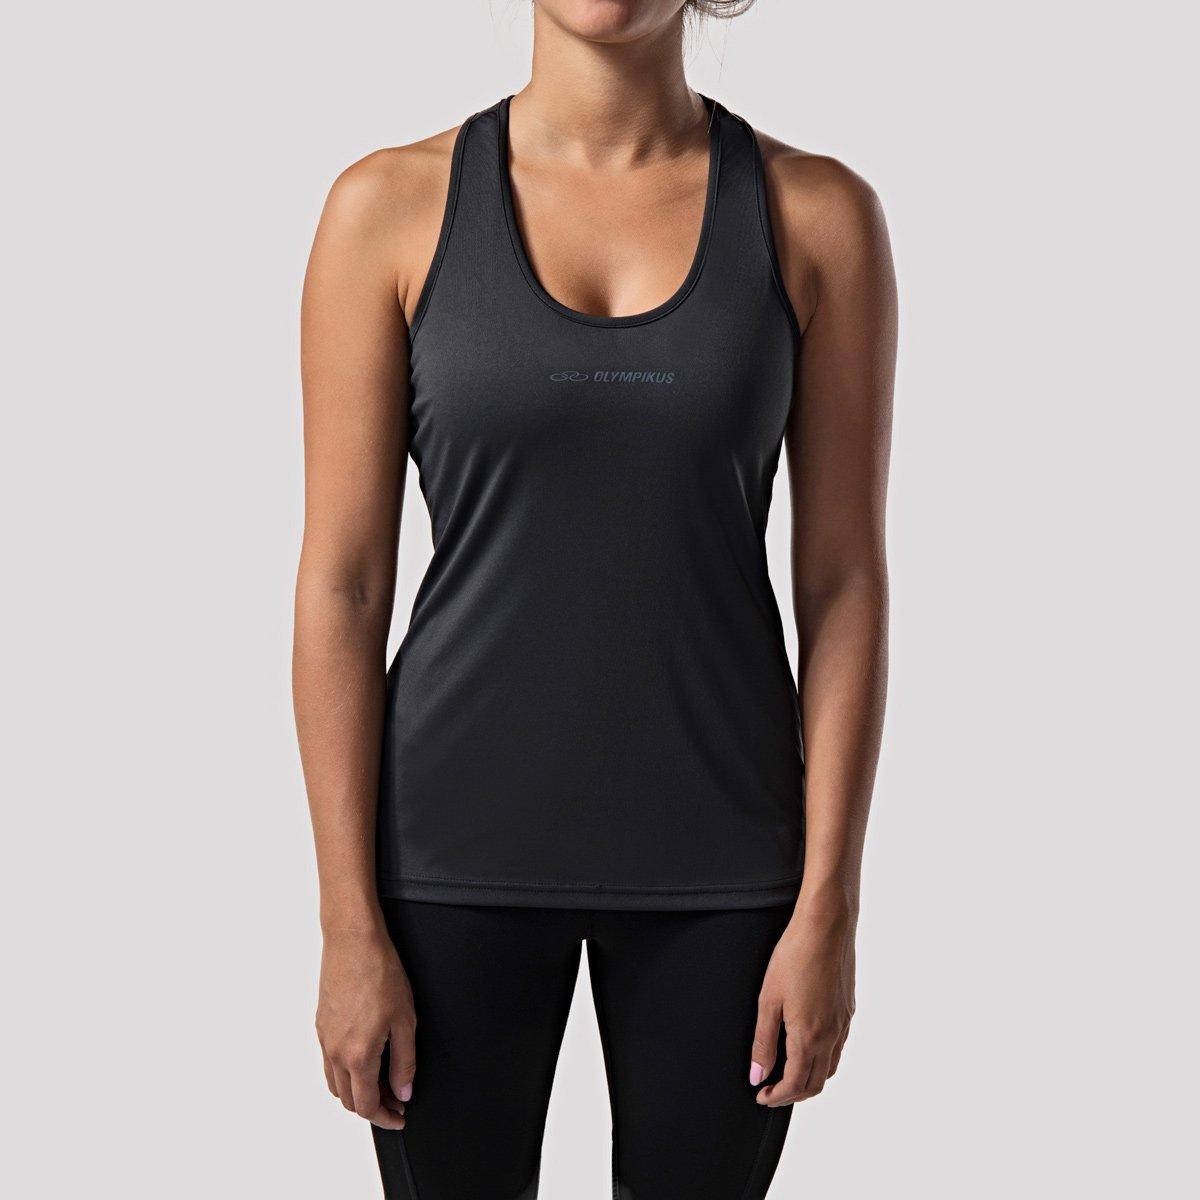 ac0f8178d Regata Olympikus Runner Feminina